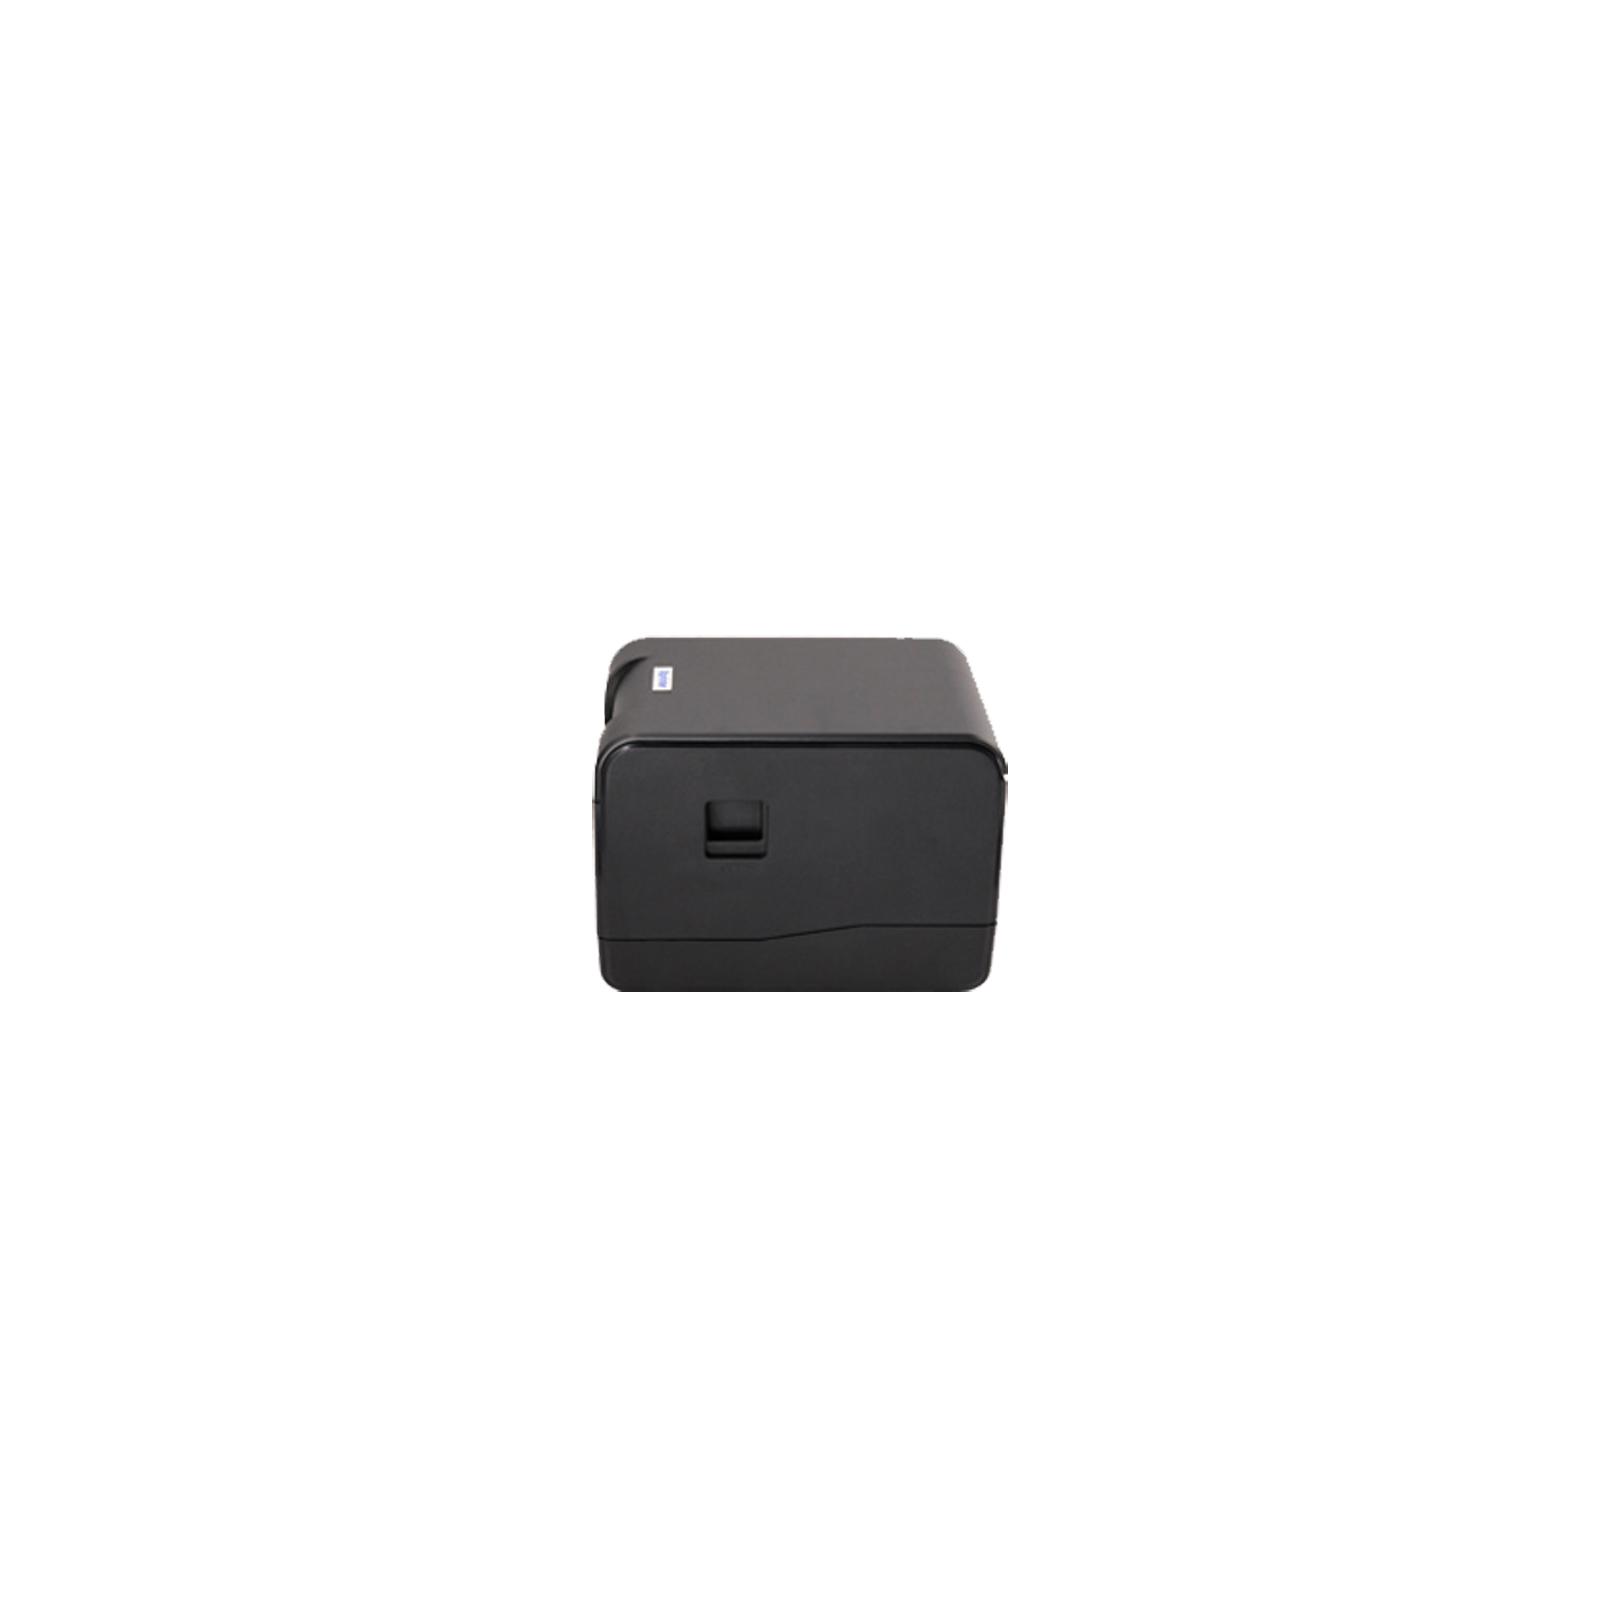 Принтер этикеток X-PRINTER XP-233B изображение 2